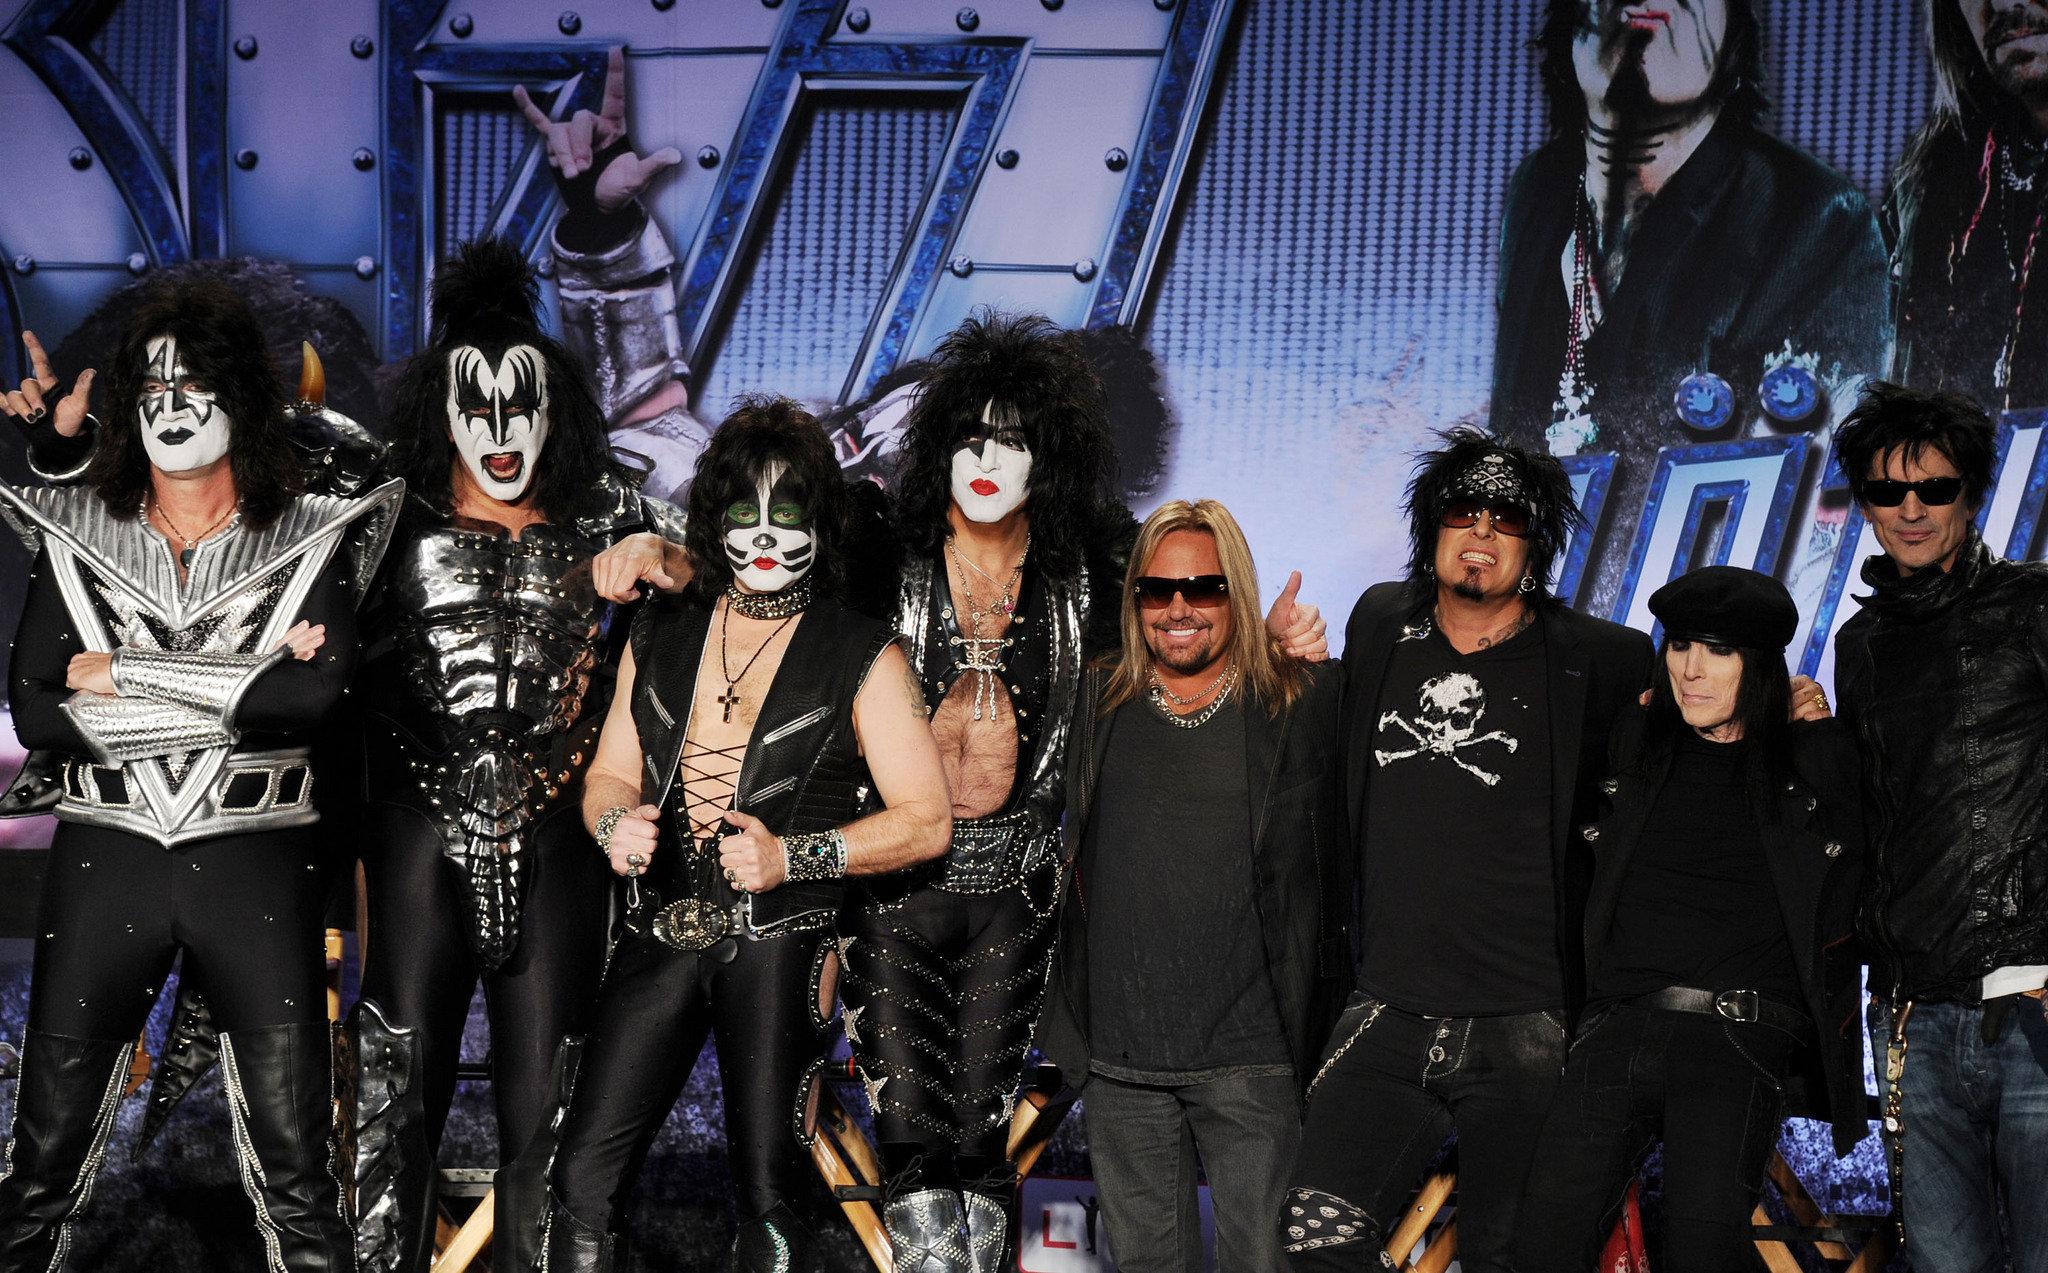 motley crue kiss concert heavy metal rock wallpaper